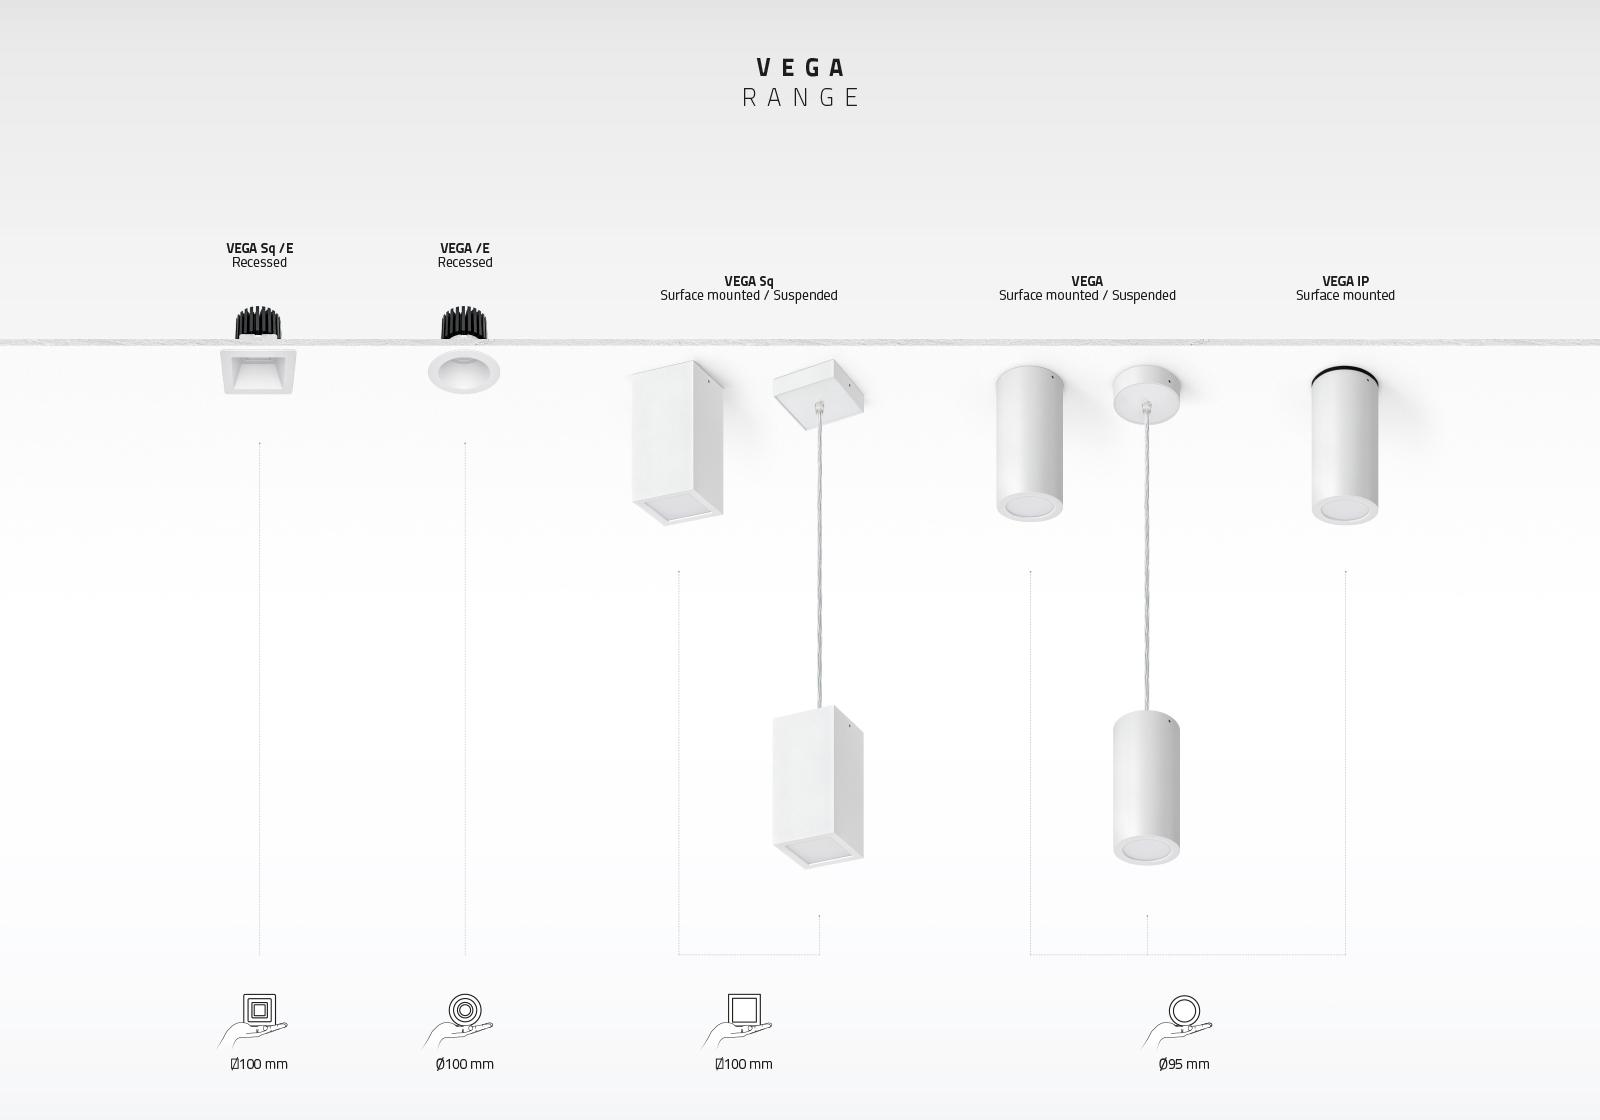 News / Press - Indelague High tech lighting solutions